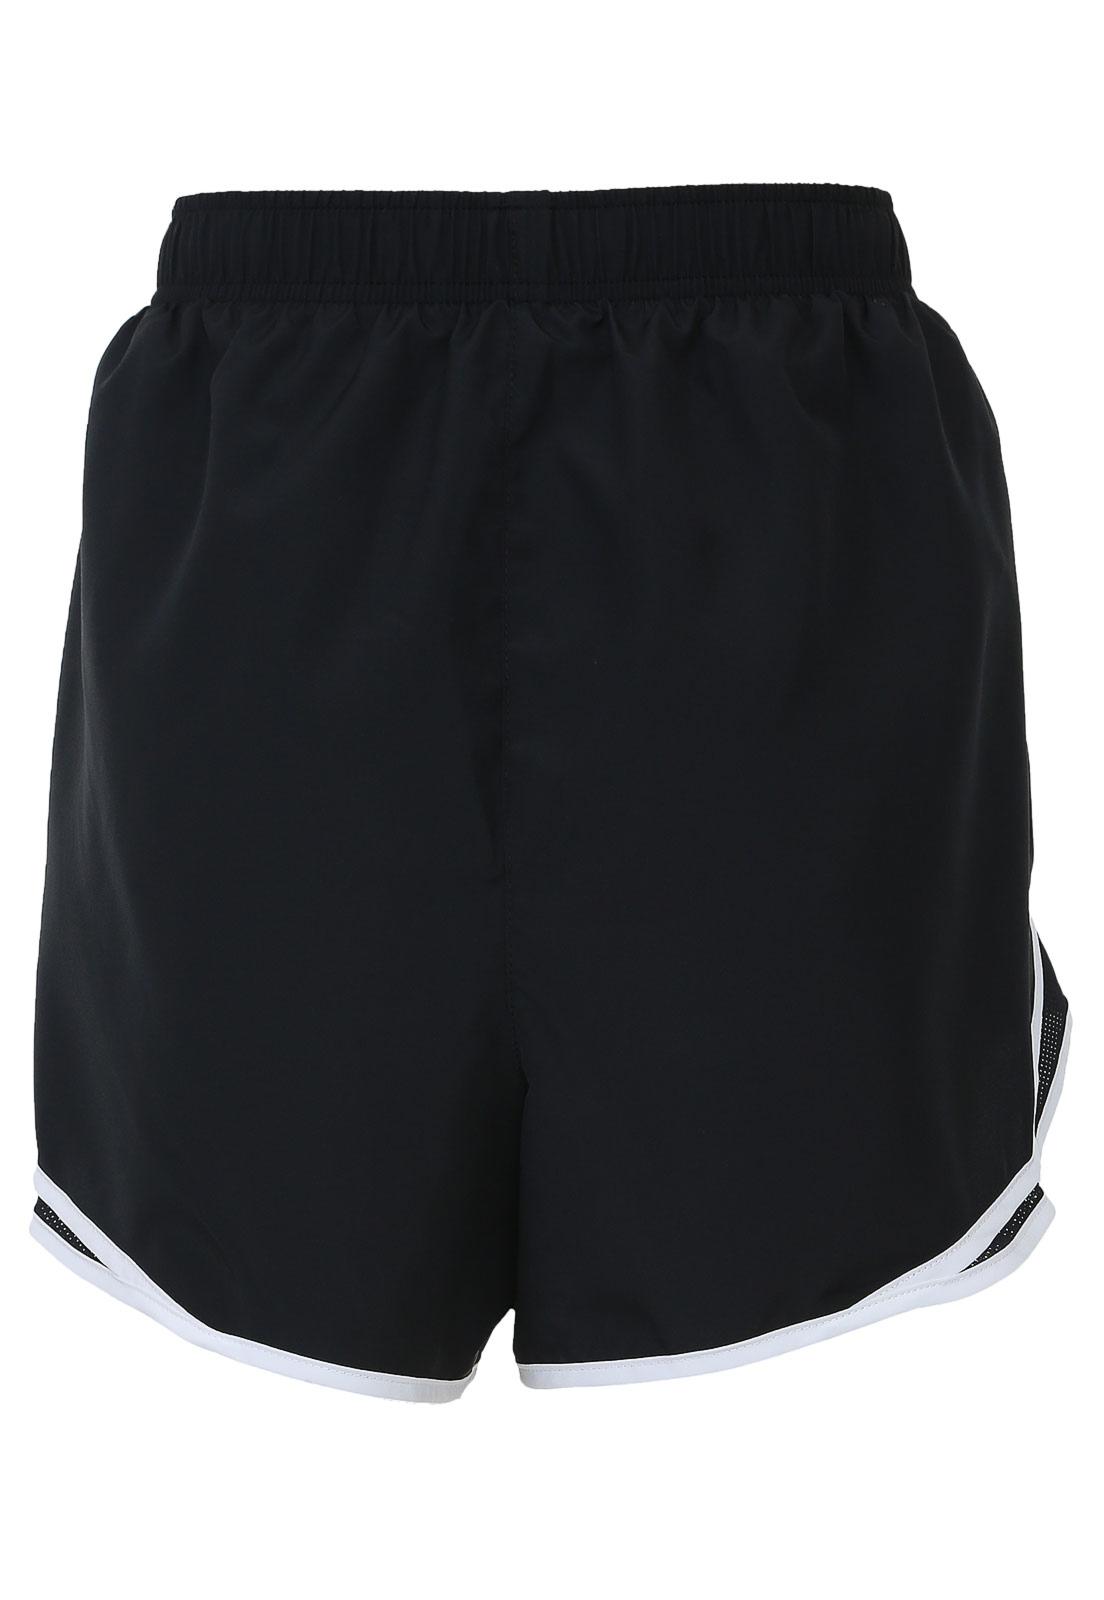 Short Nike Feminino Running Plus Size 2